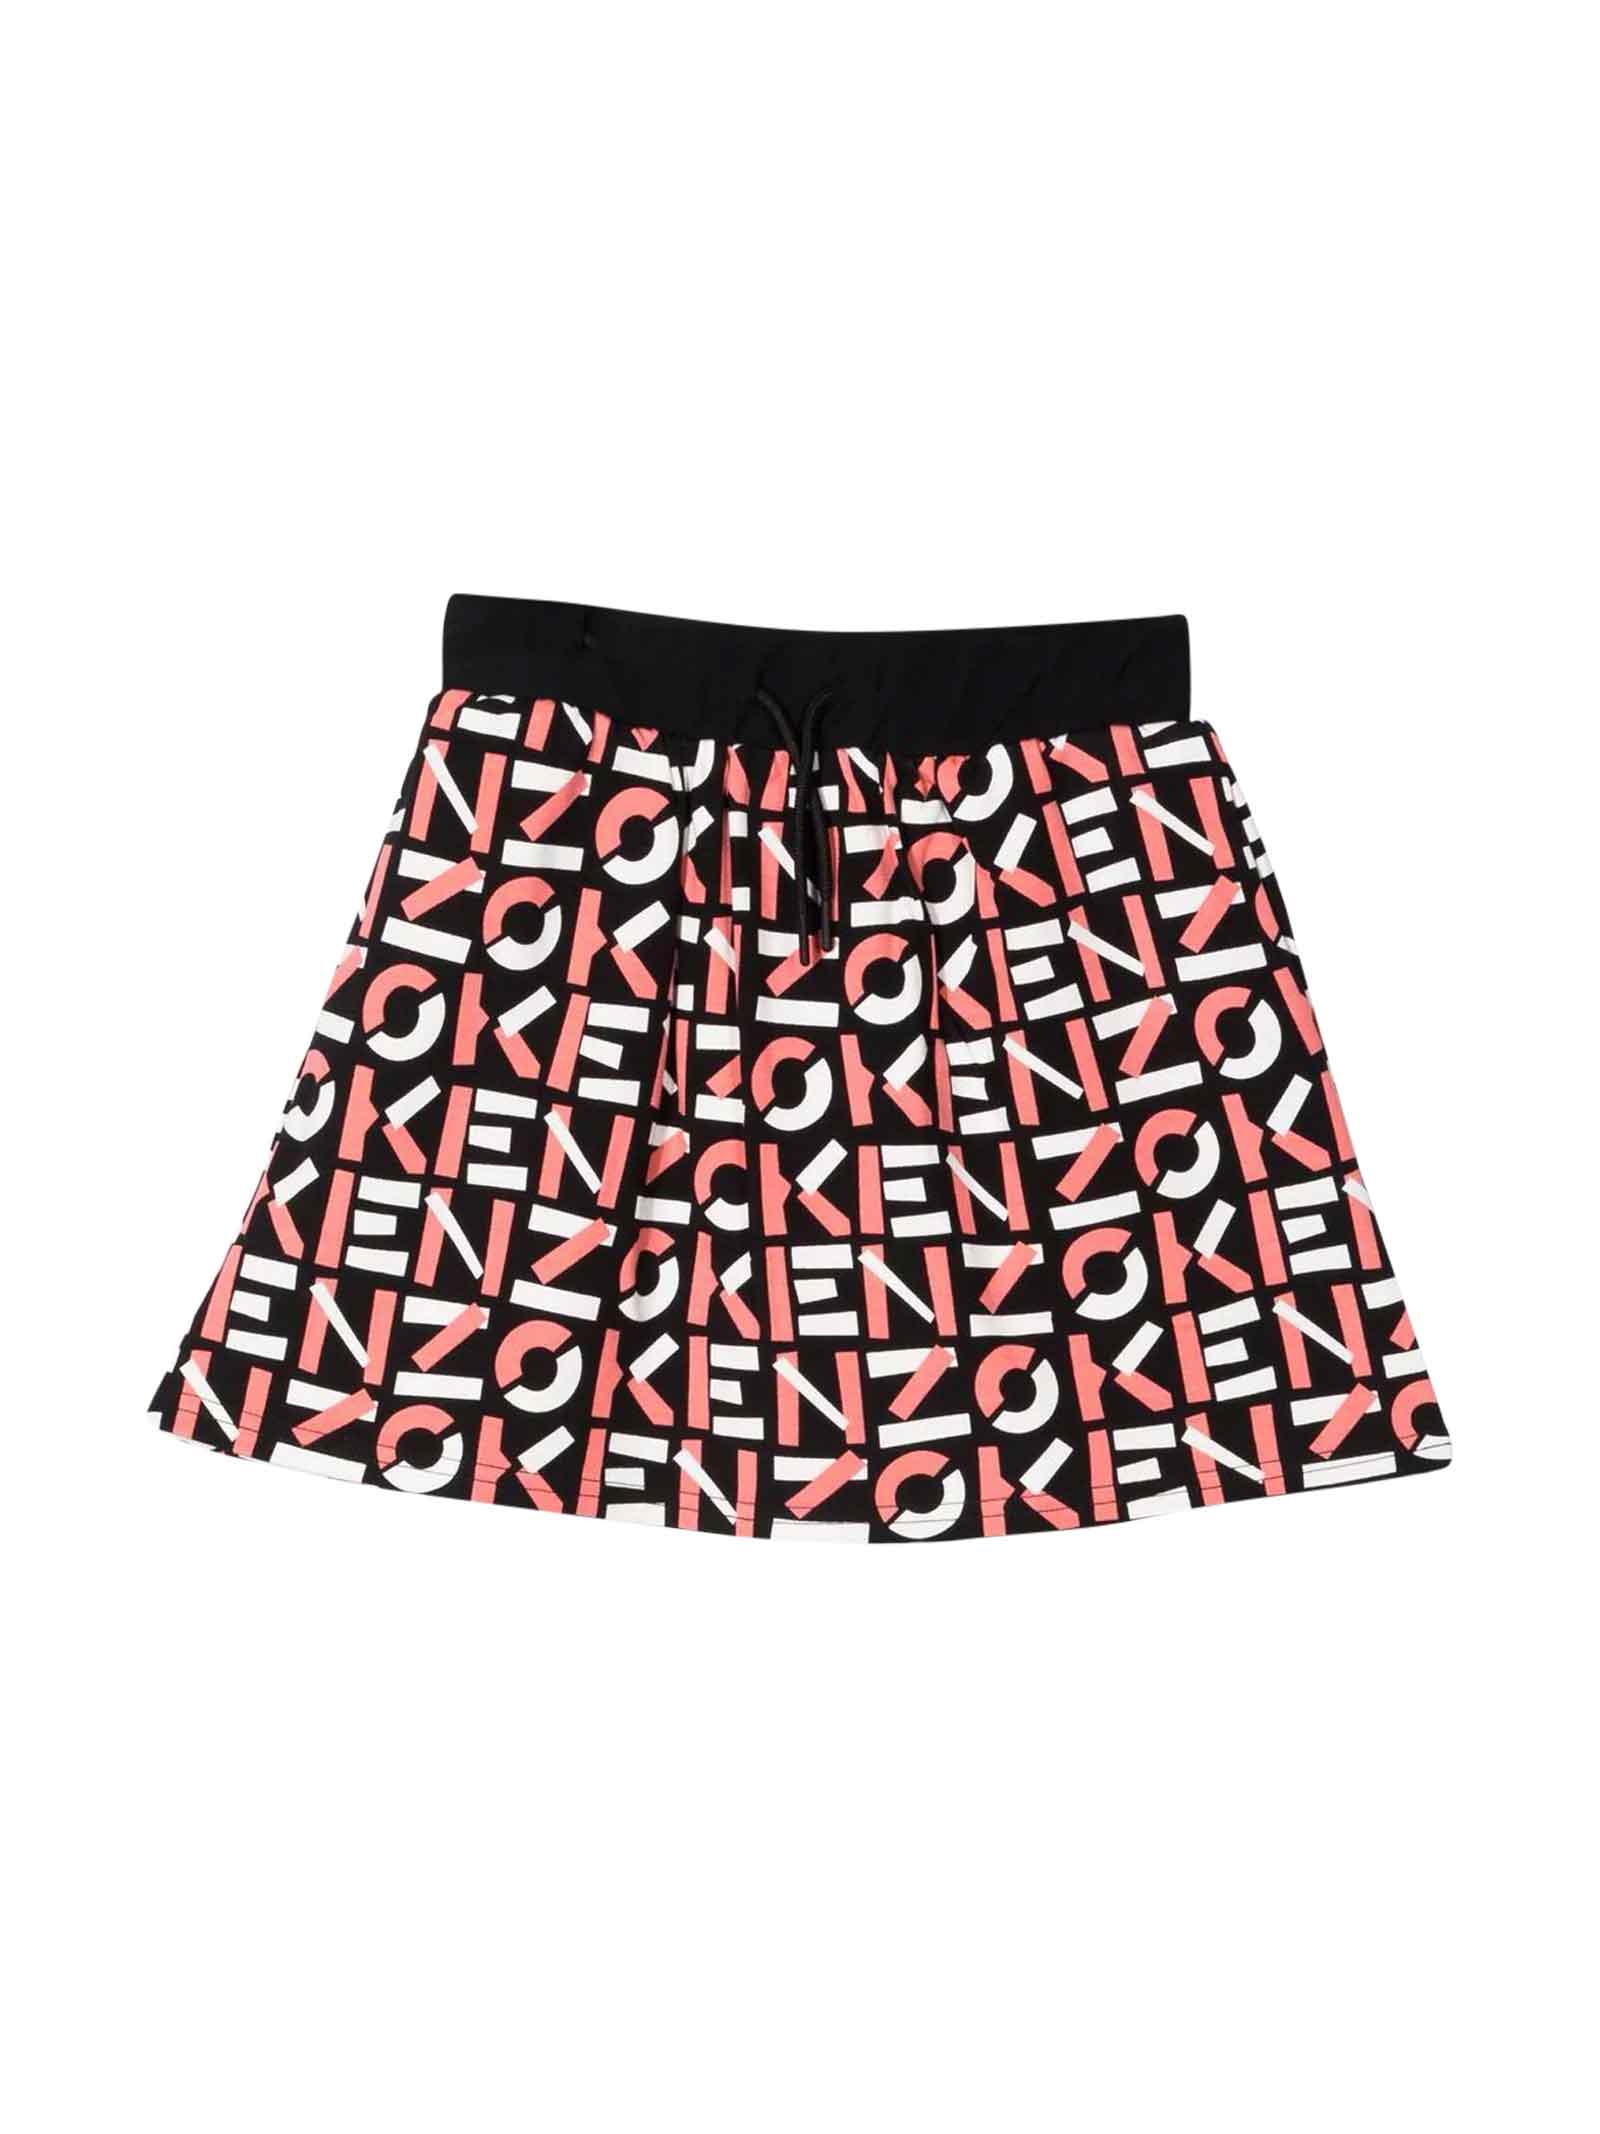 Skirt Patterned